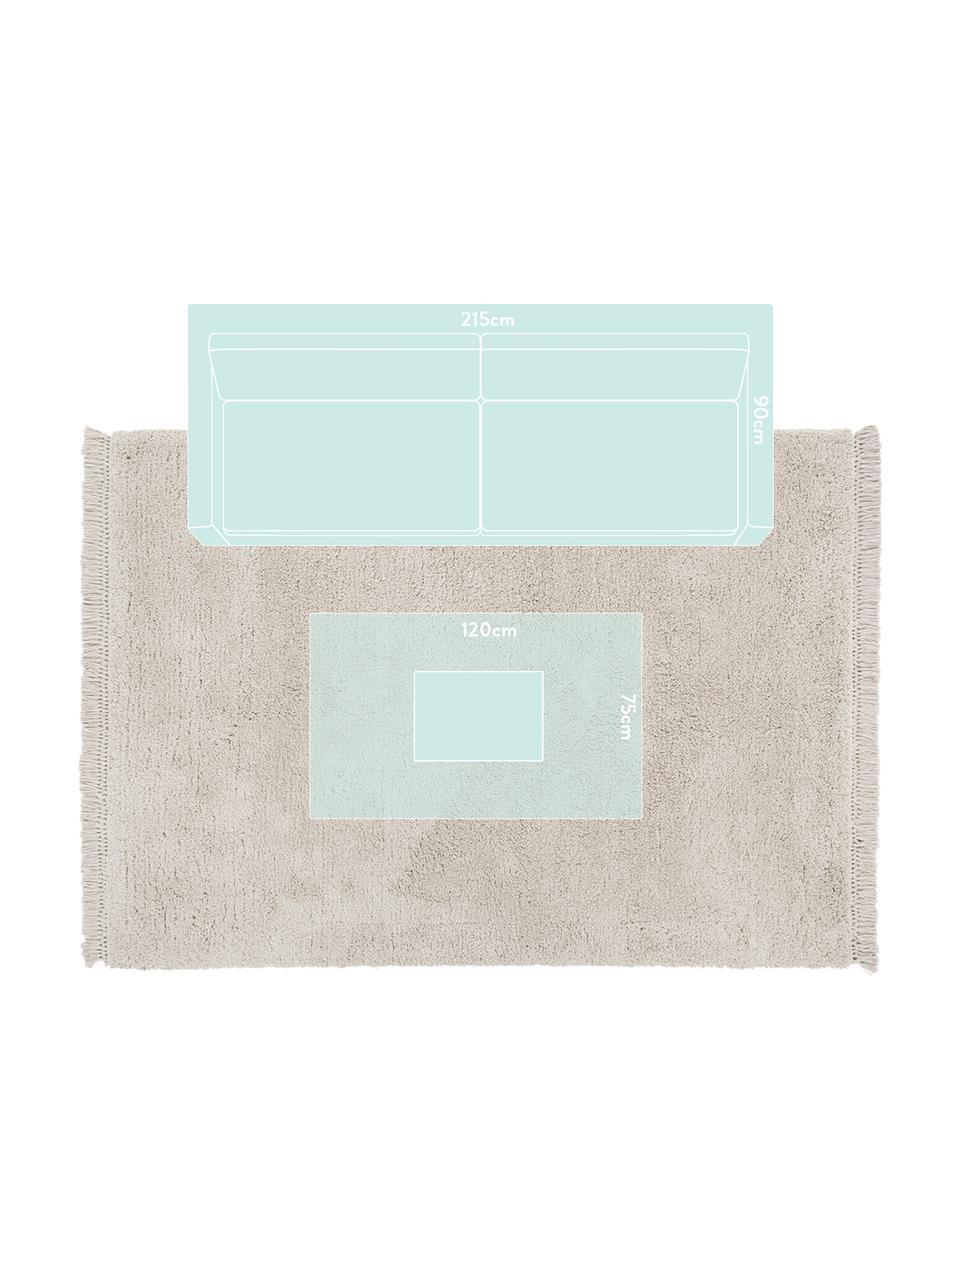 Flauschiger Hochflor-Teppich Dreamy mit Fransen, Flor: 100% Polyester, Creme, B 160 x L 230 cm (Größe M)